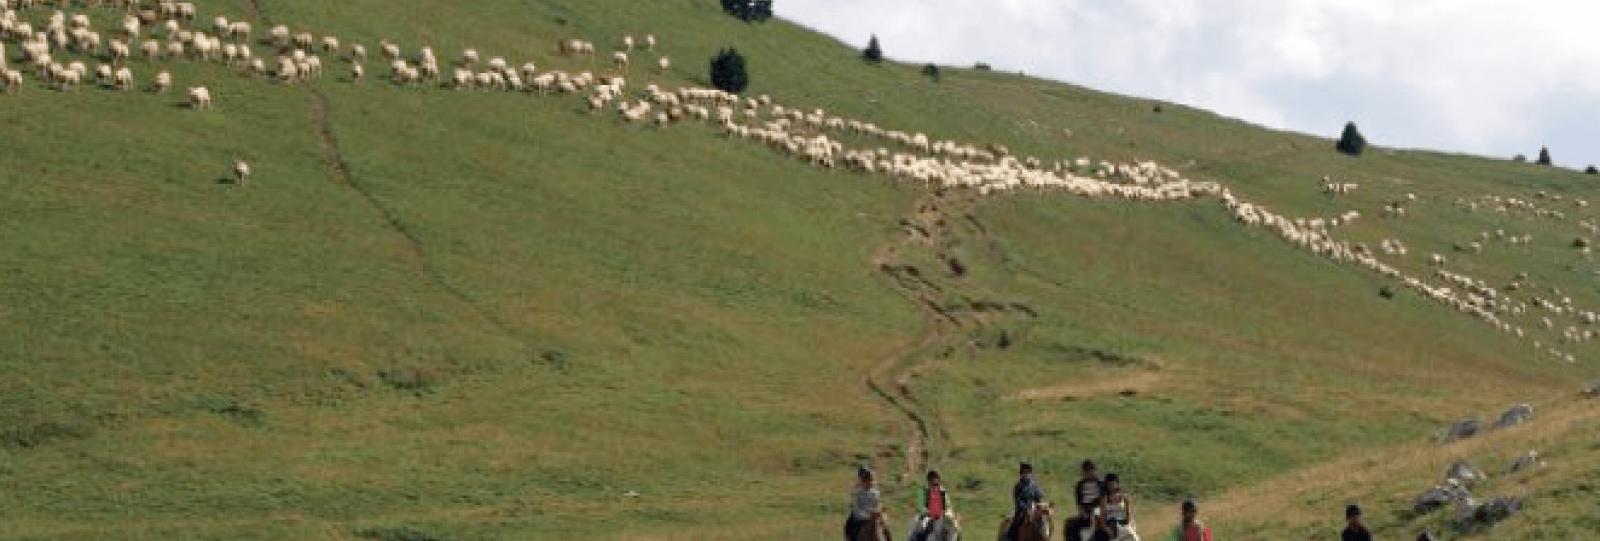 Rando équestre itinérante Juniors (10-13 ans) dans la forêt de Lente et les alpages du Vercors